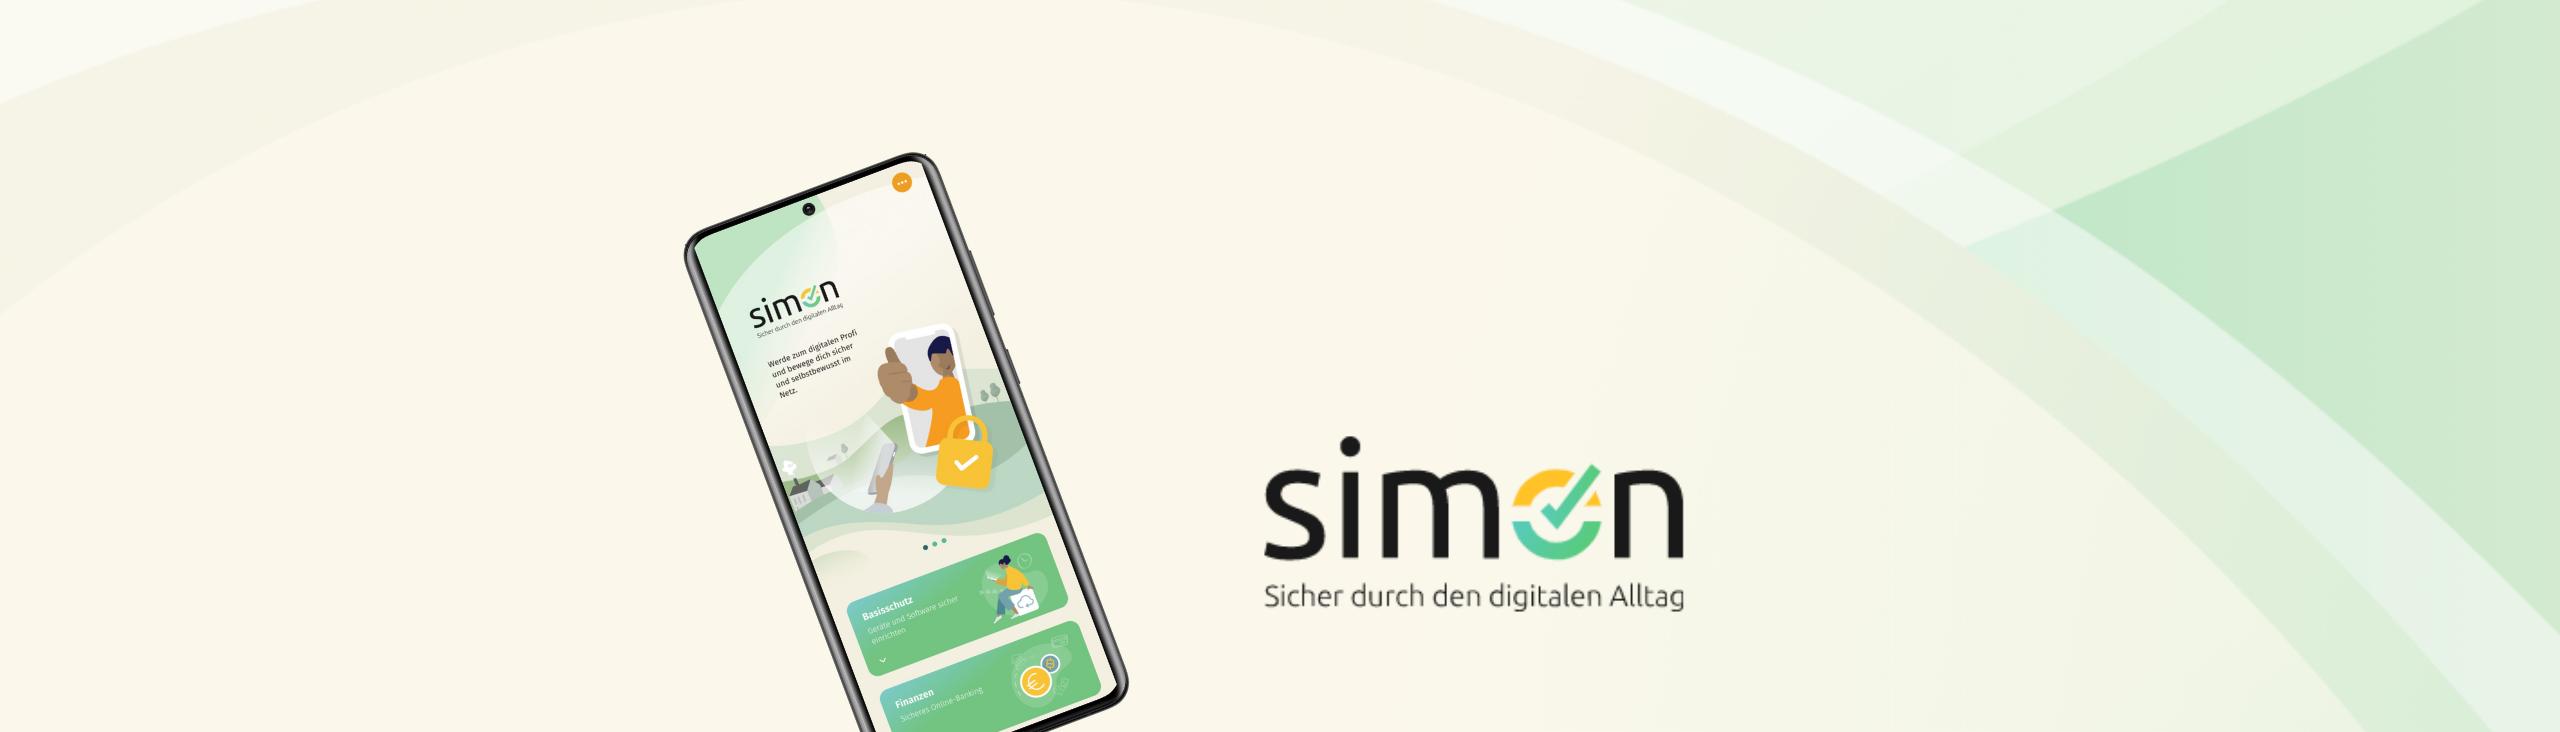 Simon App